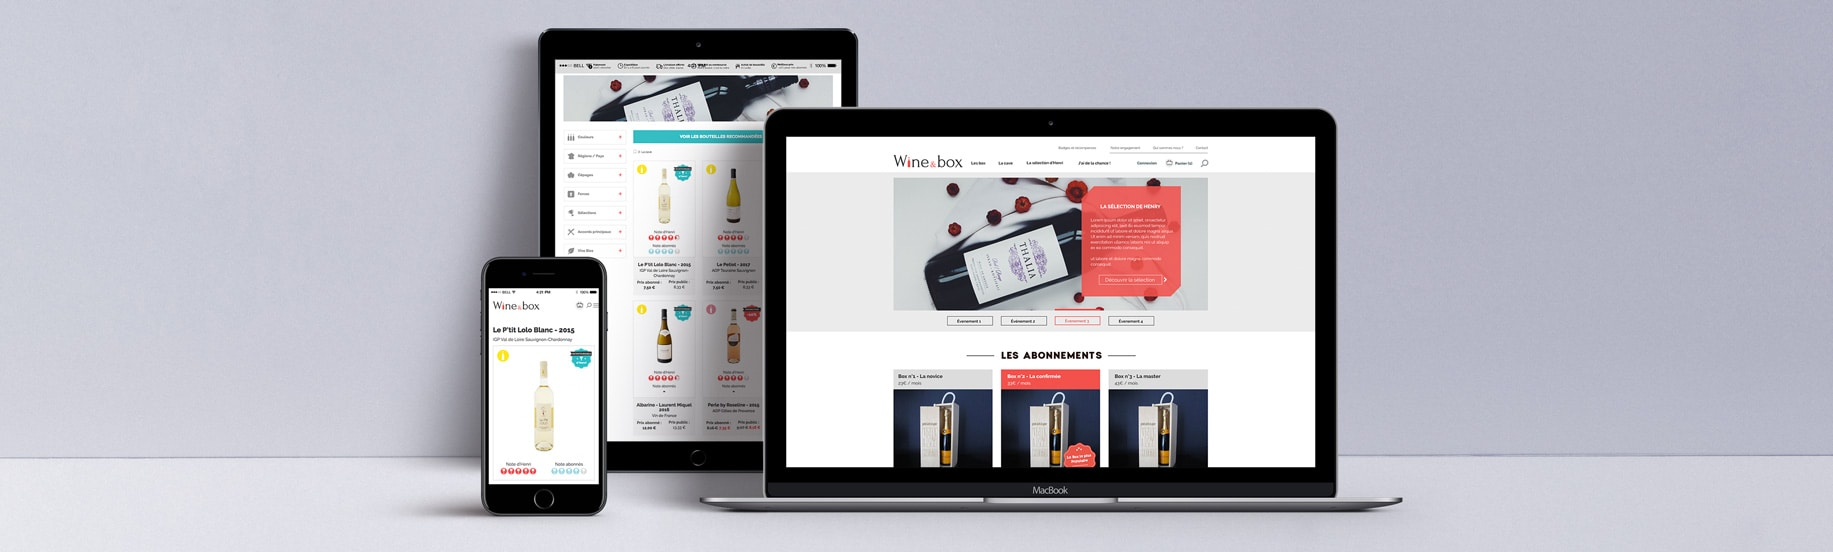 Version mobile et ordinateur du site Wine & Box